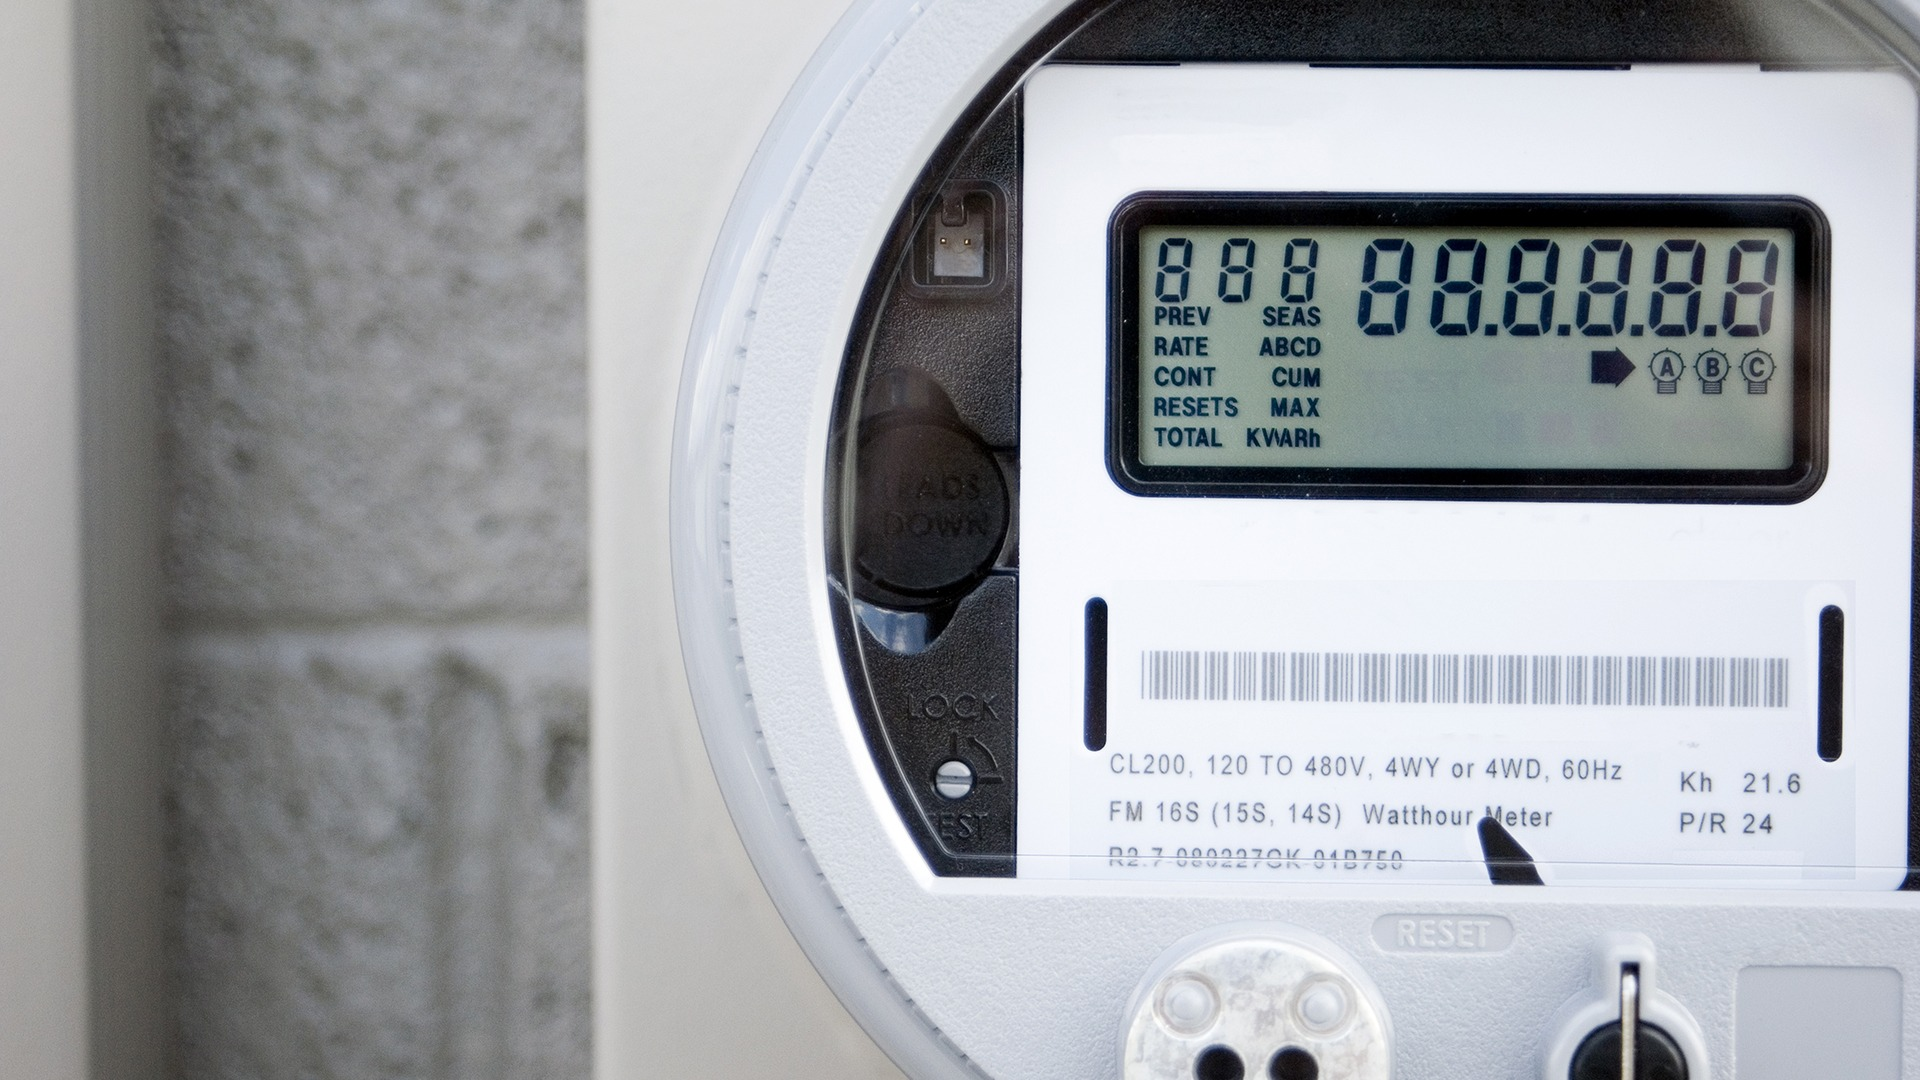 Invoering digitale meter wordt niet opnieuw uitgesteld